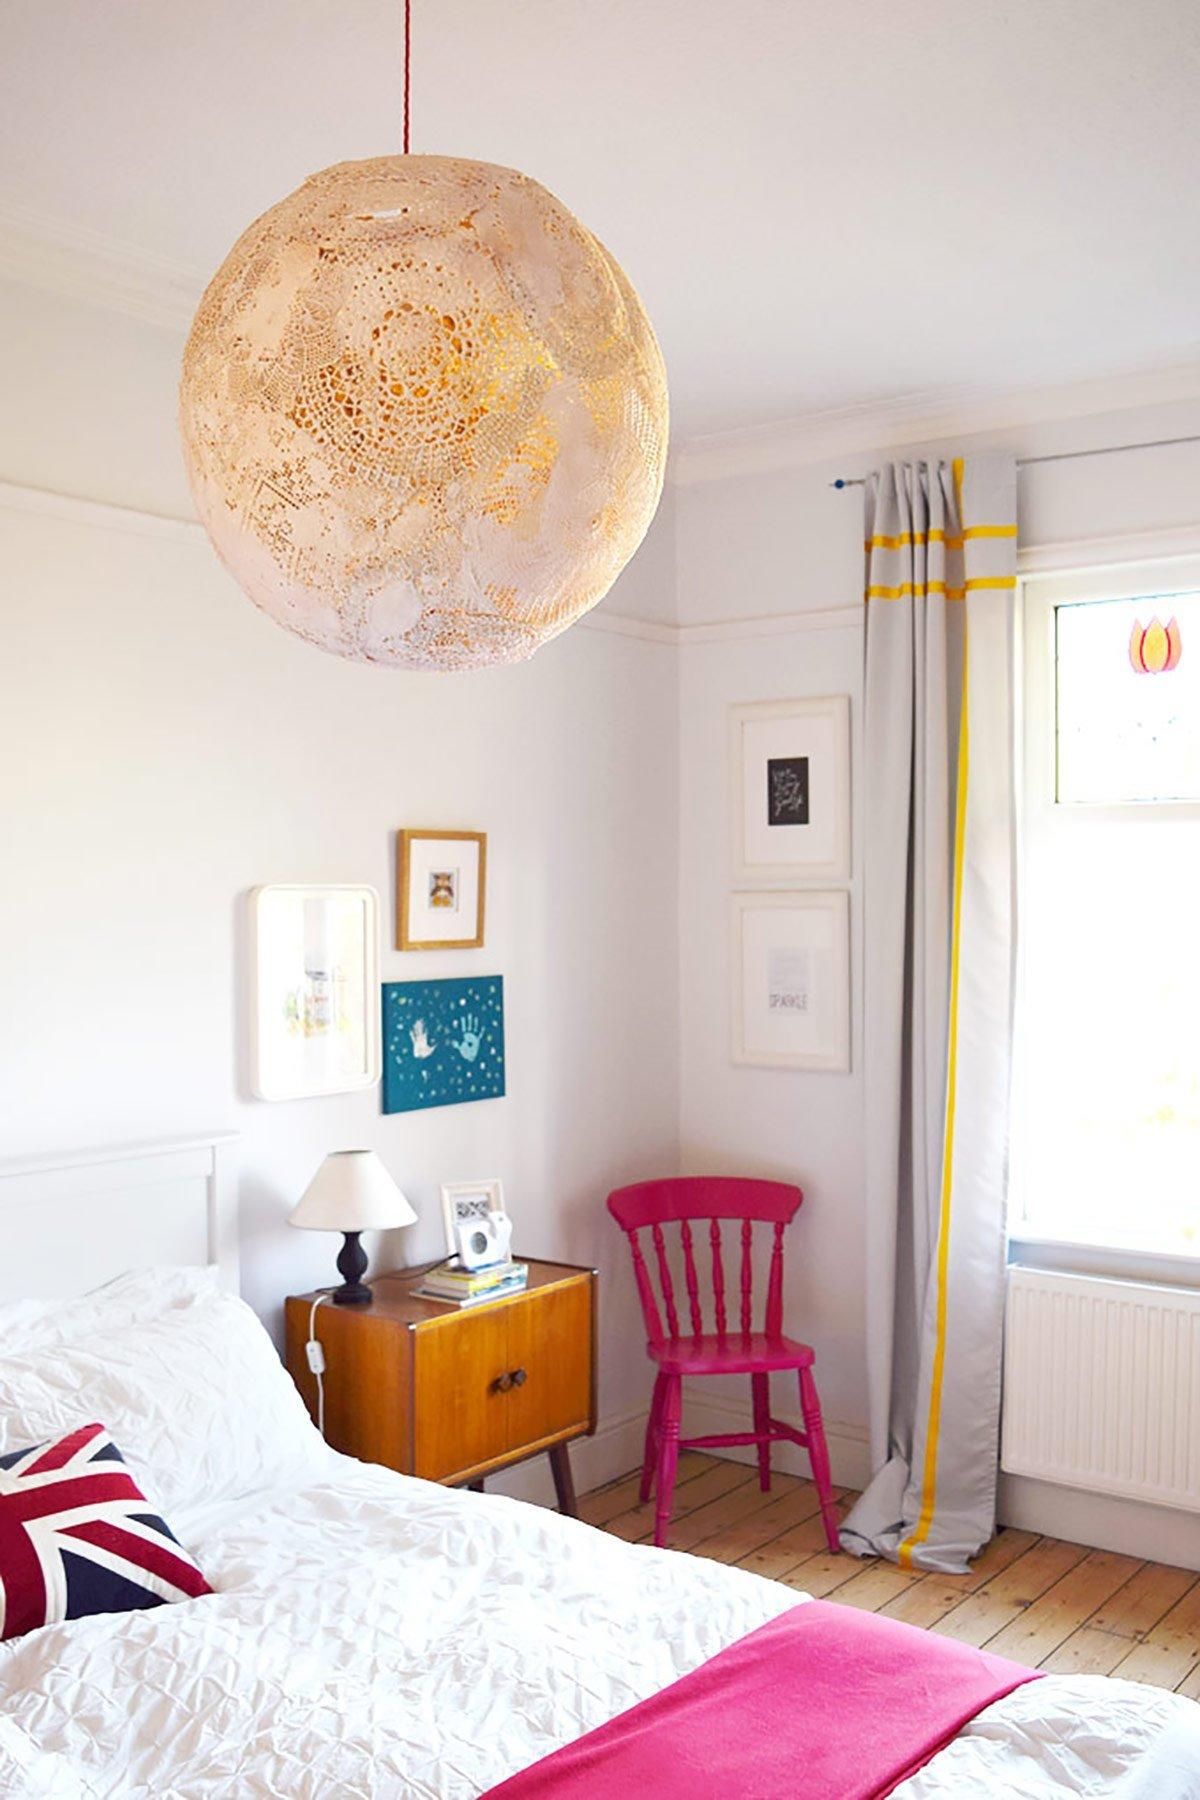 DIY Doily Lamp | Little House On The Corner